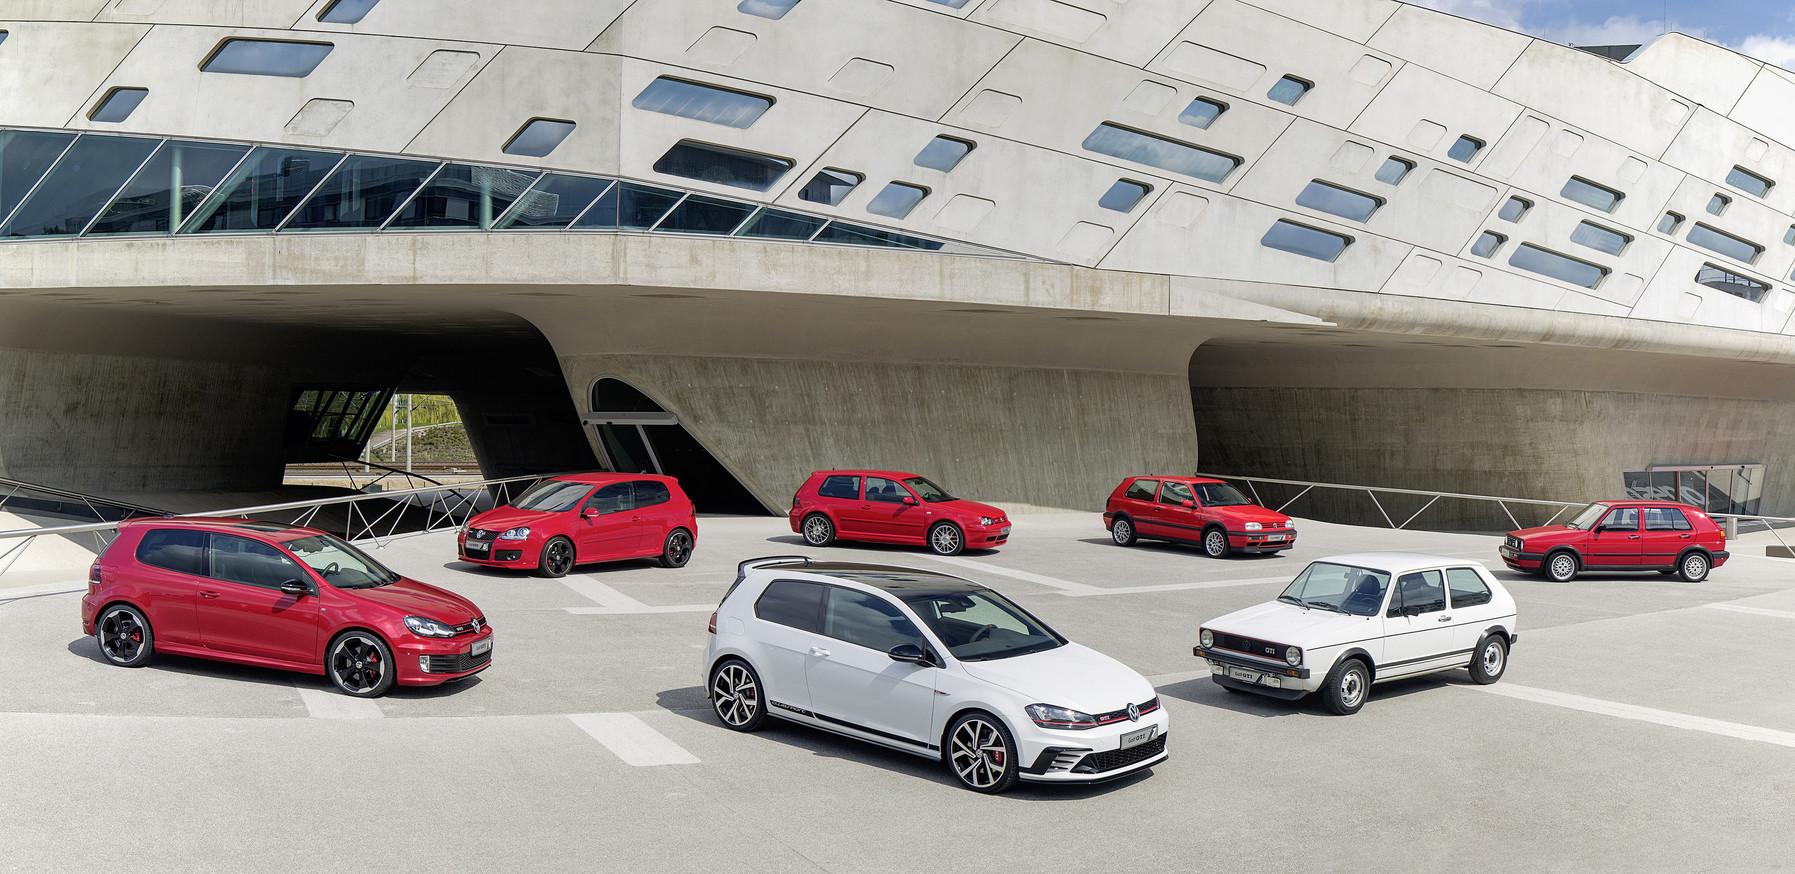 請你 Focus 在車價上,新年式 Volkswagen Golf GTI 現金預購價 136.8 萬起